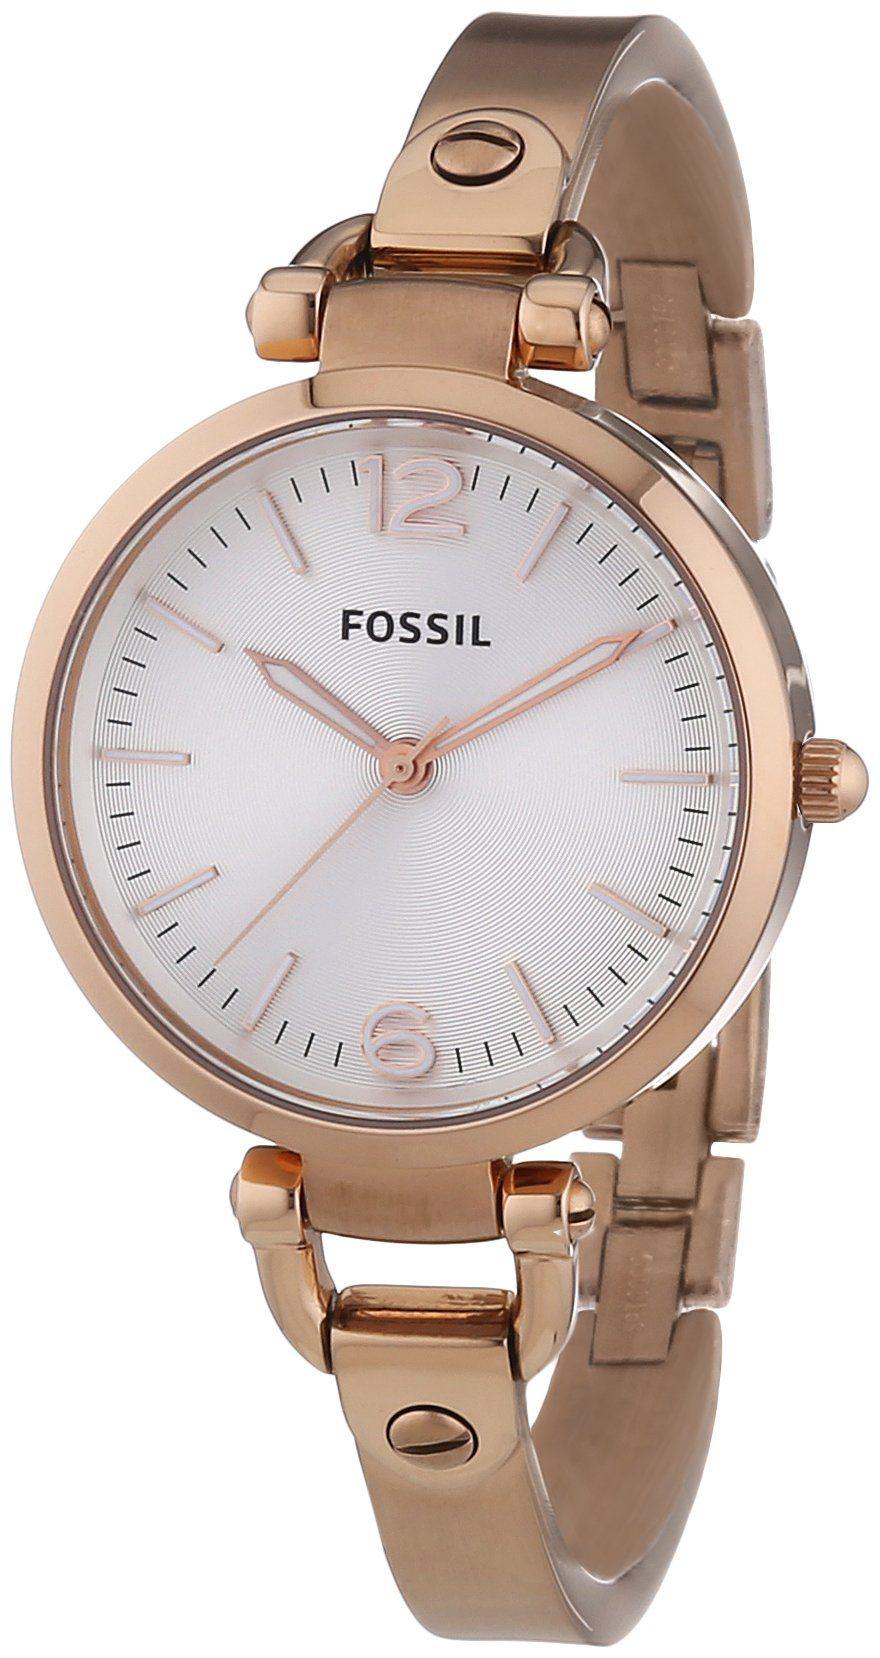 3594273c38c4 Fossil ES3110 - Reloj analógico de cuarzo para mujer